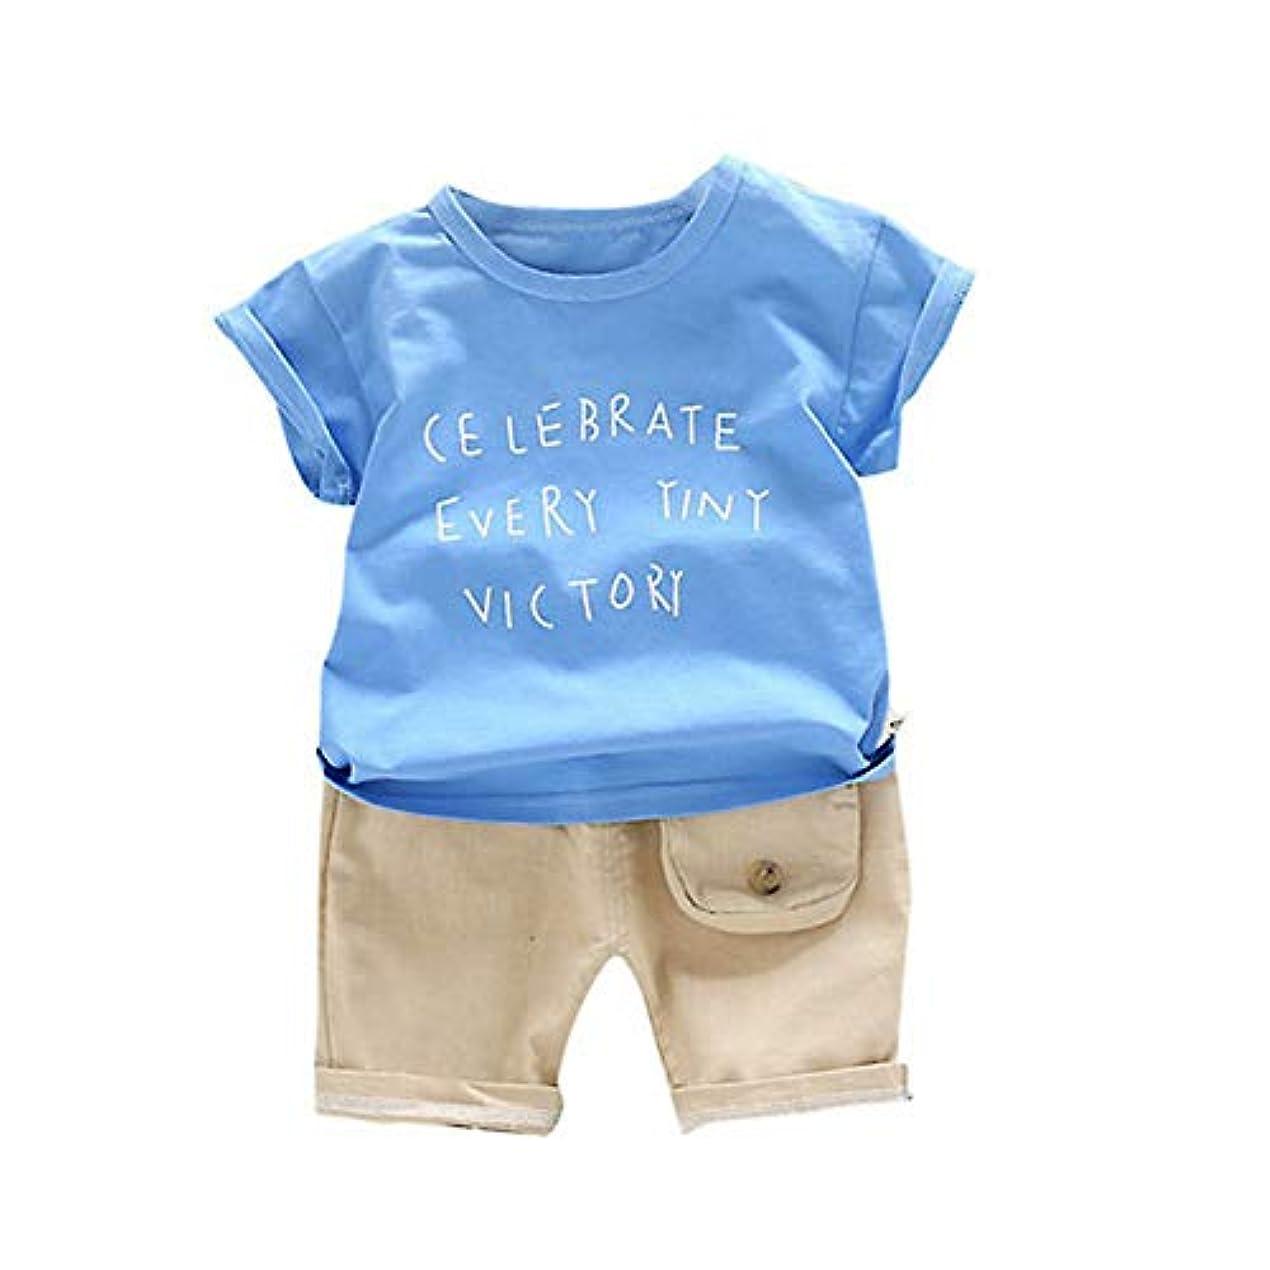 不適当国民付けるRad子供 サマーキッズベビーボーイズカジュアル半袖レタープリントTシャツトップス+ショーツコスチュームセット